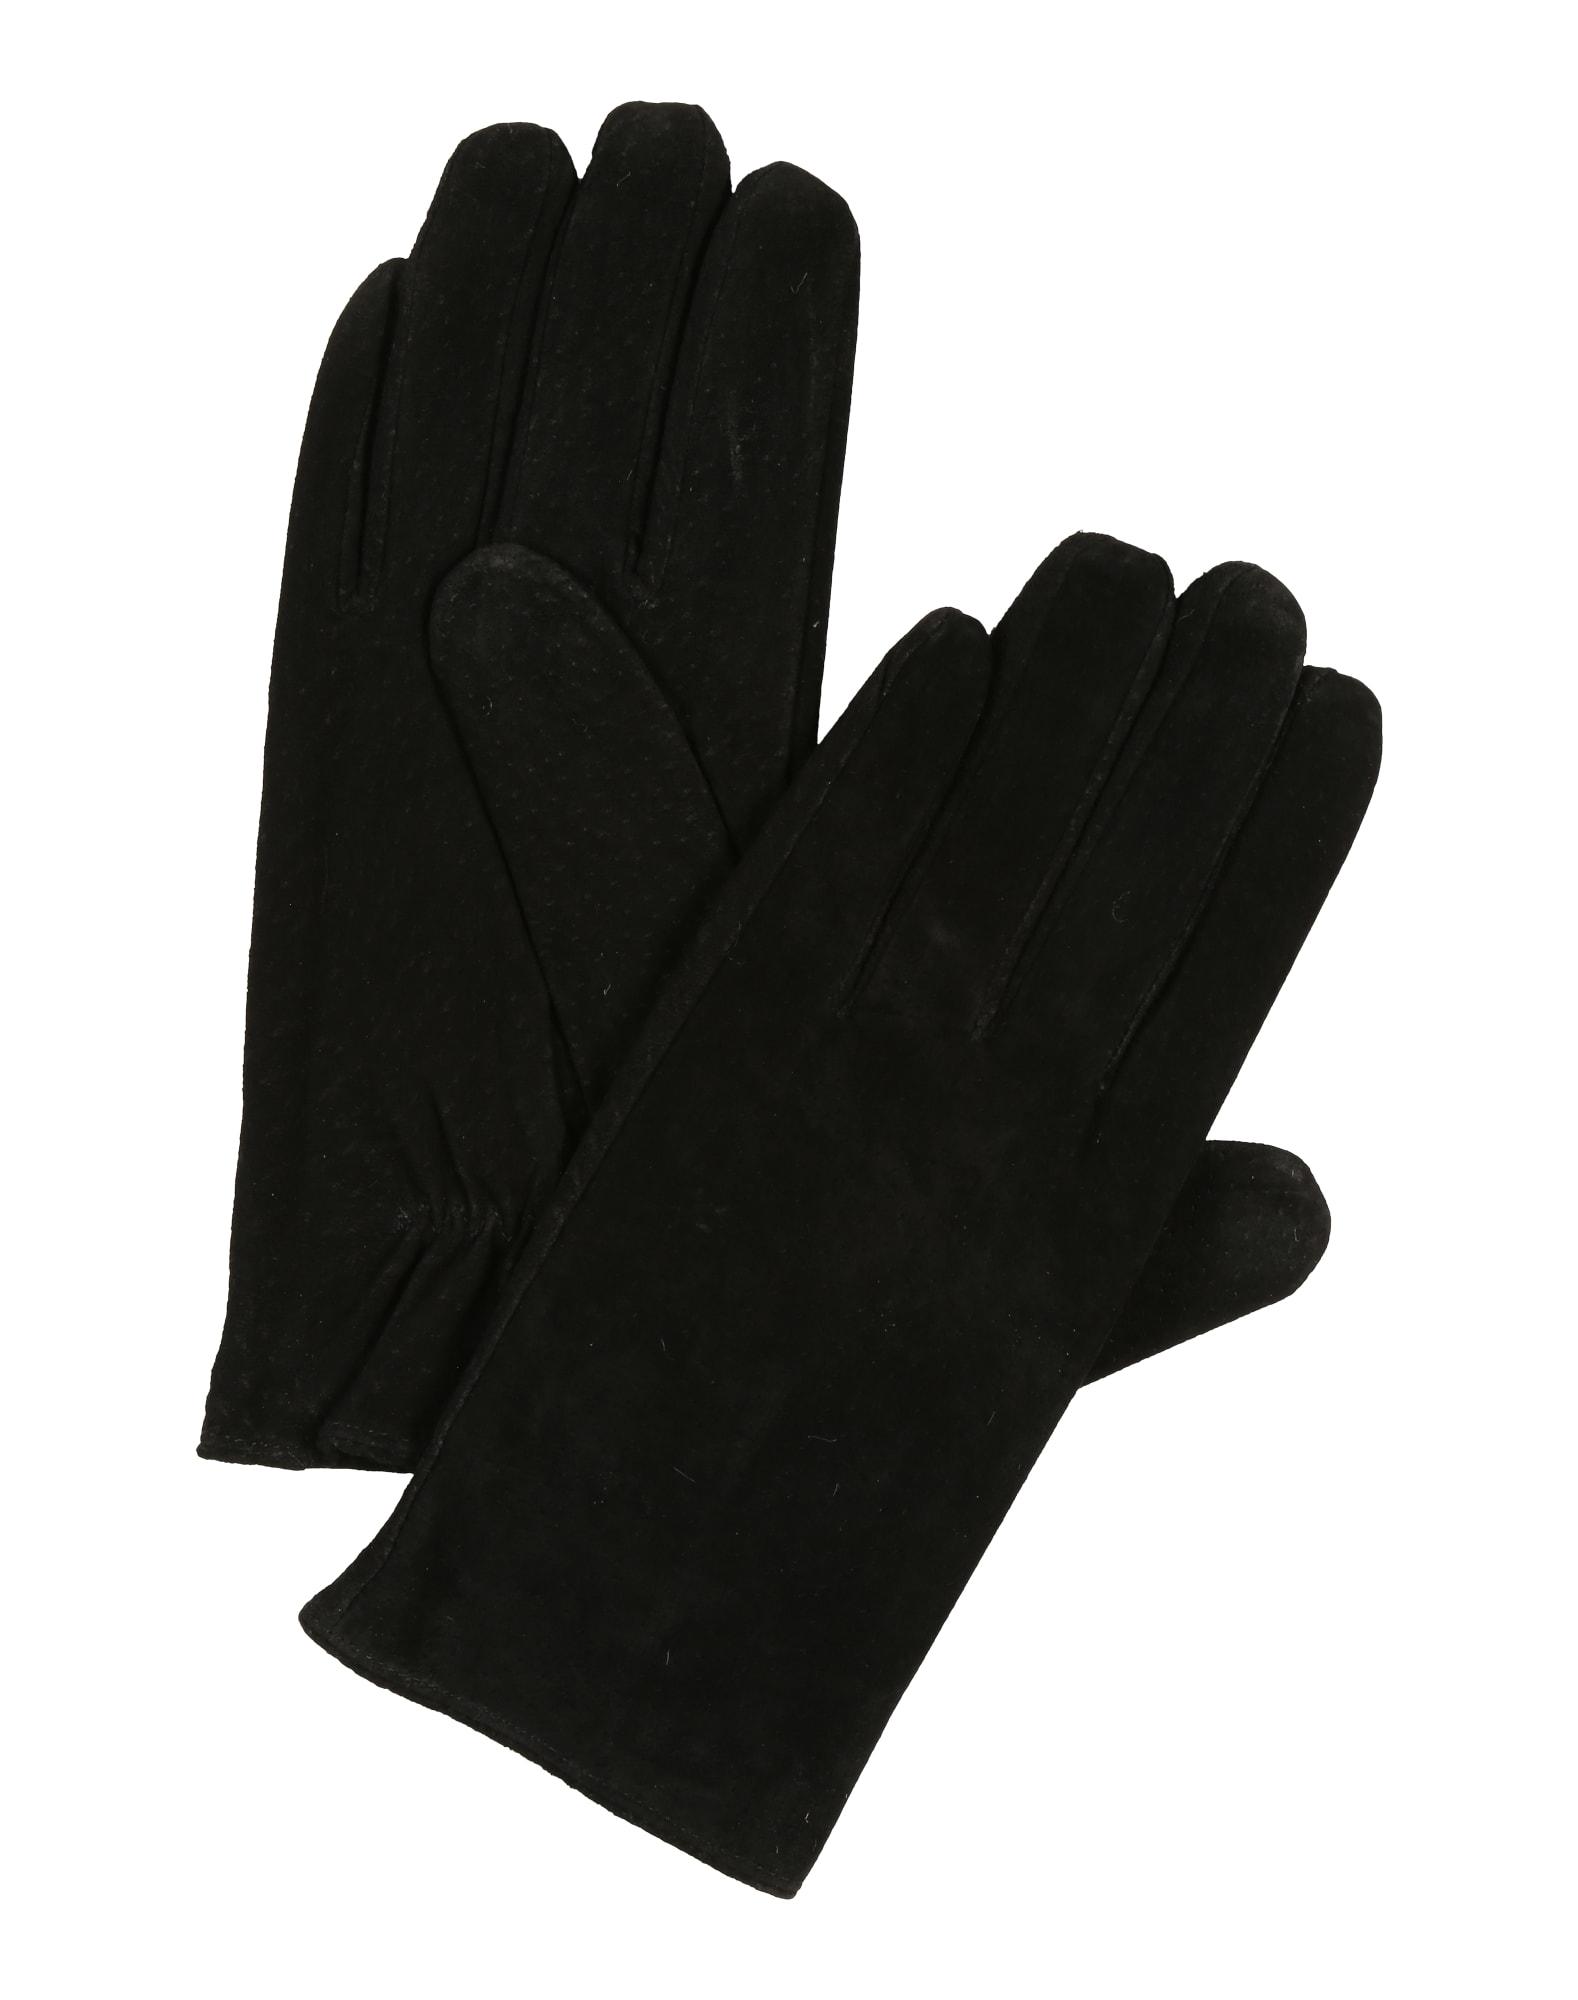 Prstové rukavice Pccomet Noos černá PIECES